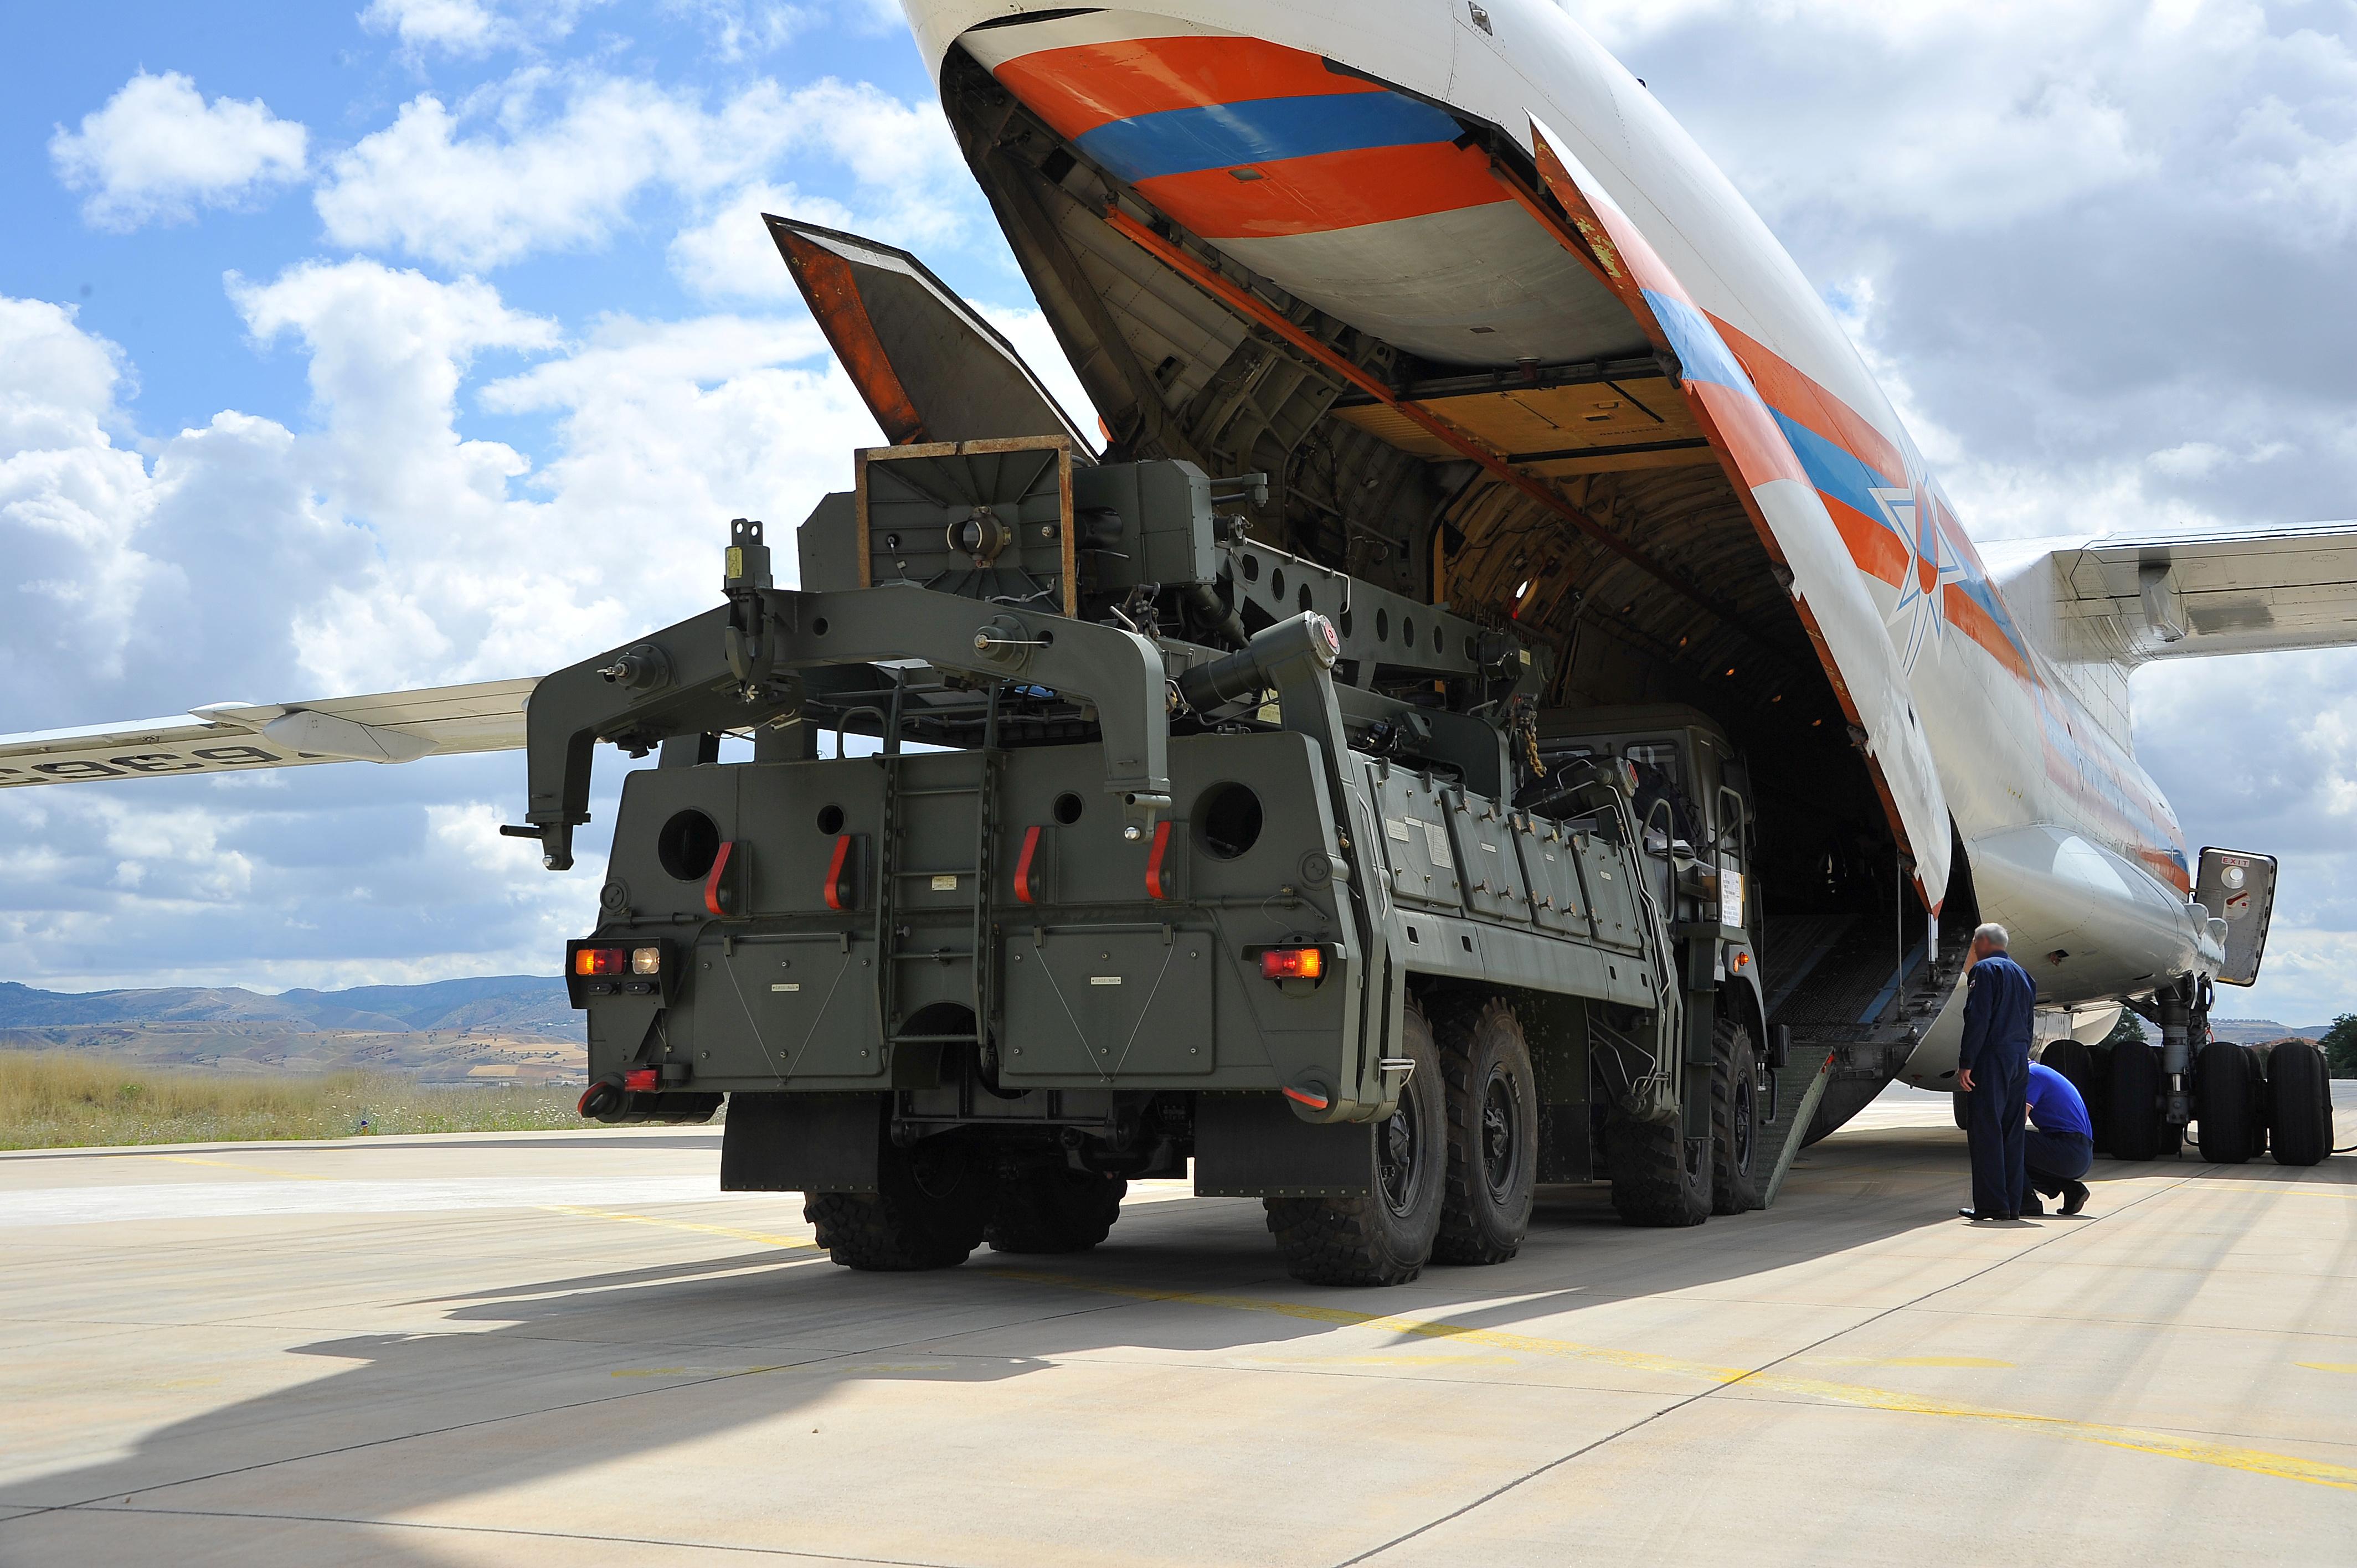 Νέο χαστούκι ΗΠΑ σε Τουρκία: Έρχονται άμεσες κυρώσεις για τους S-400